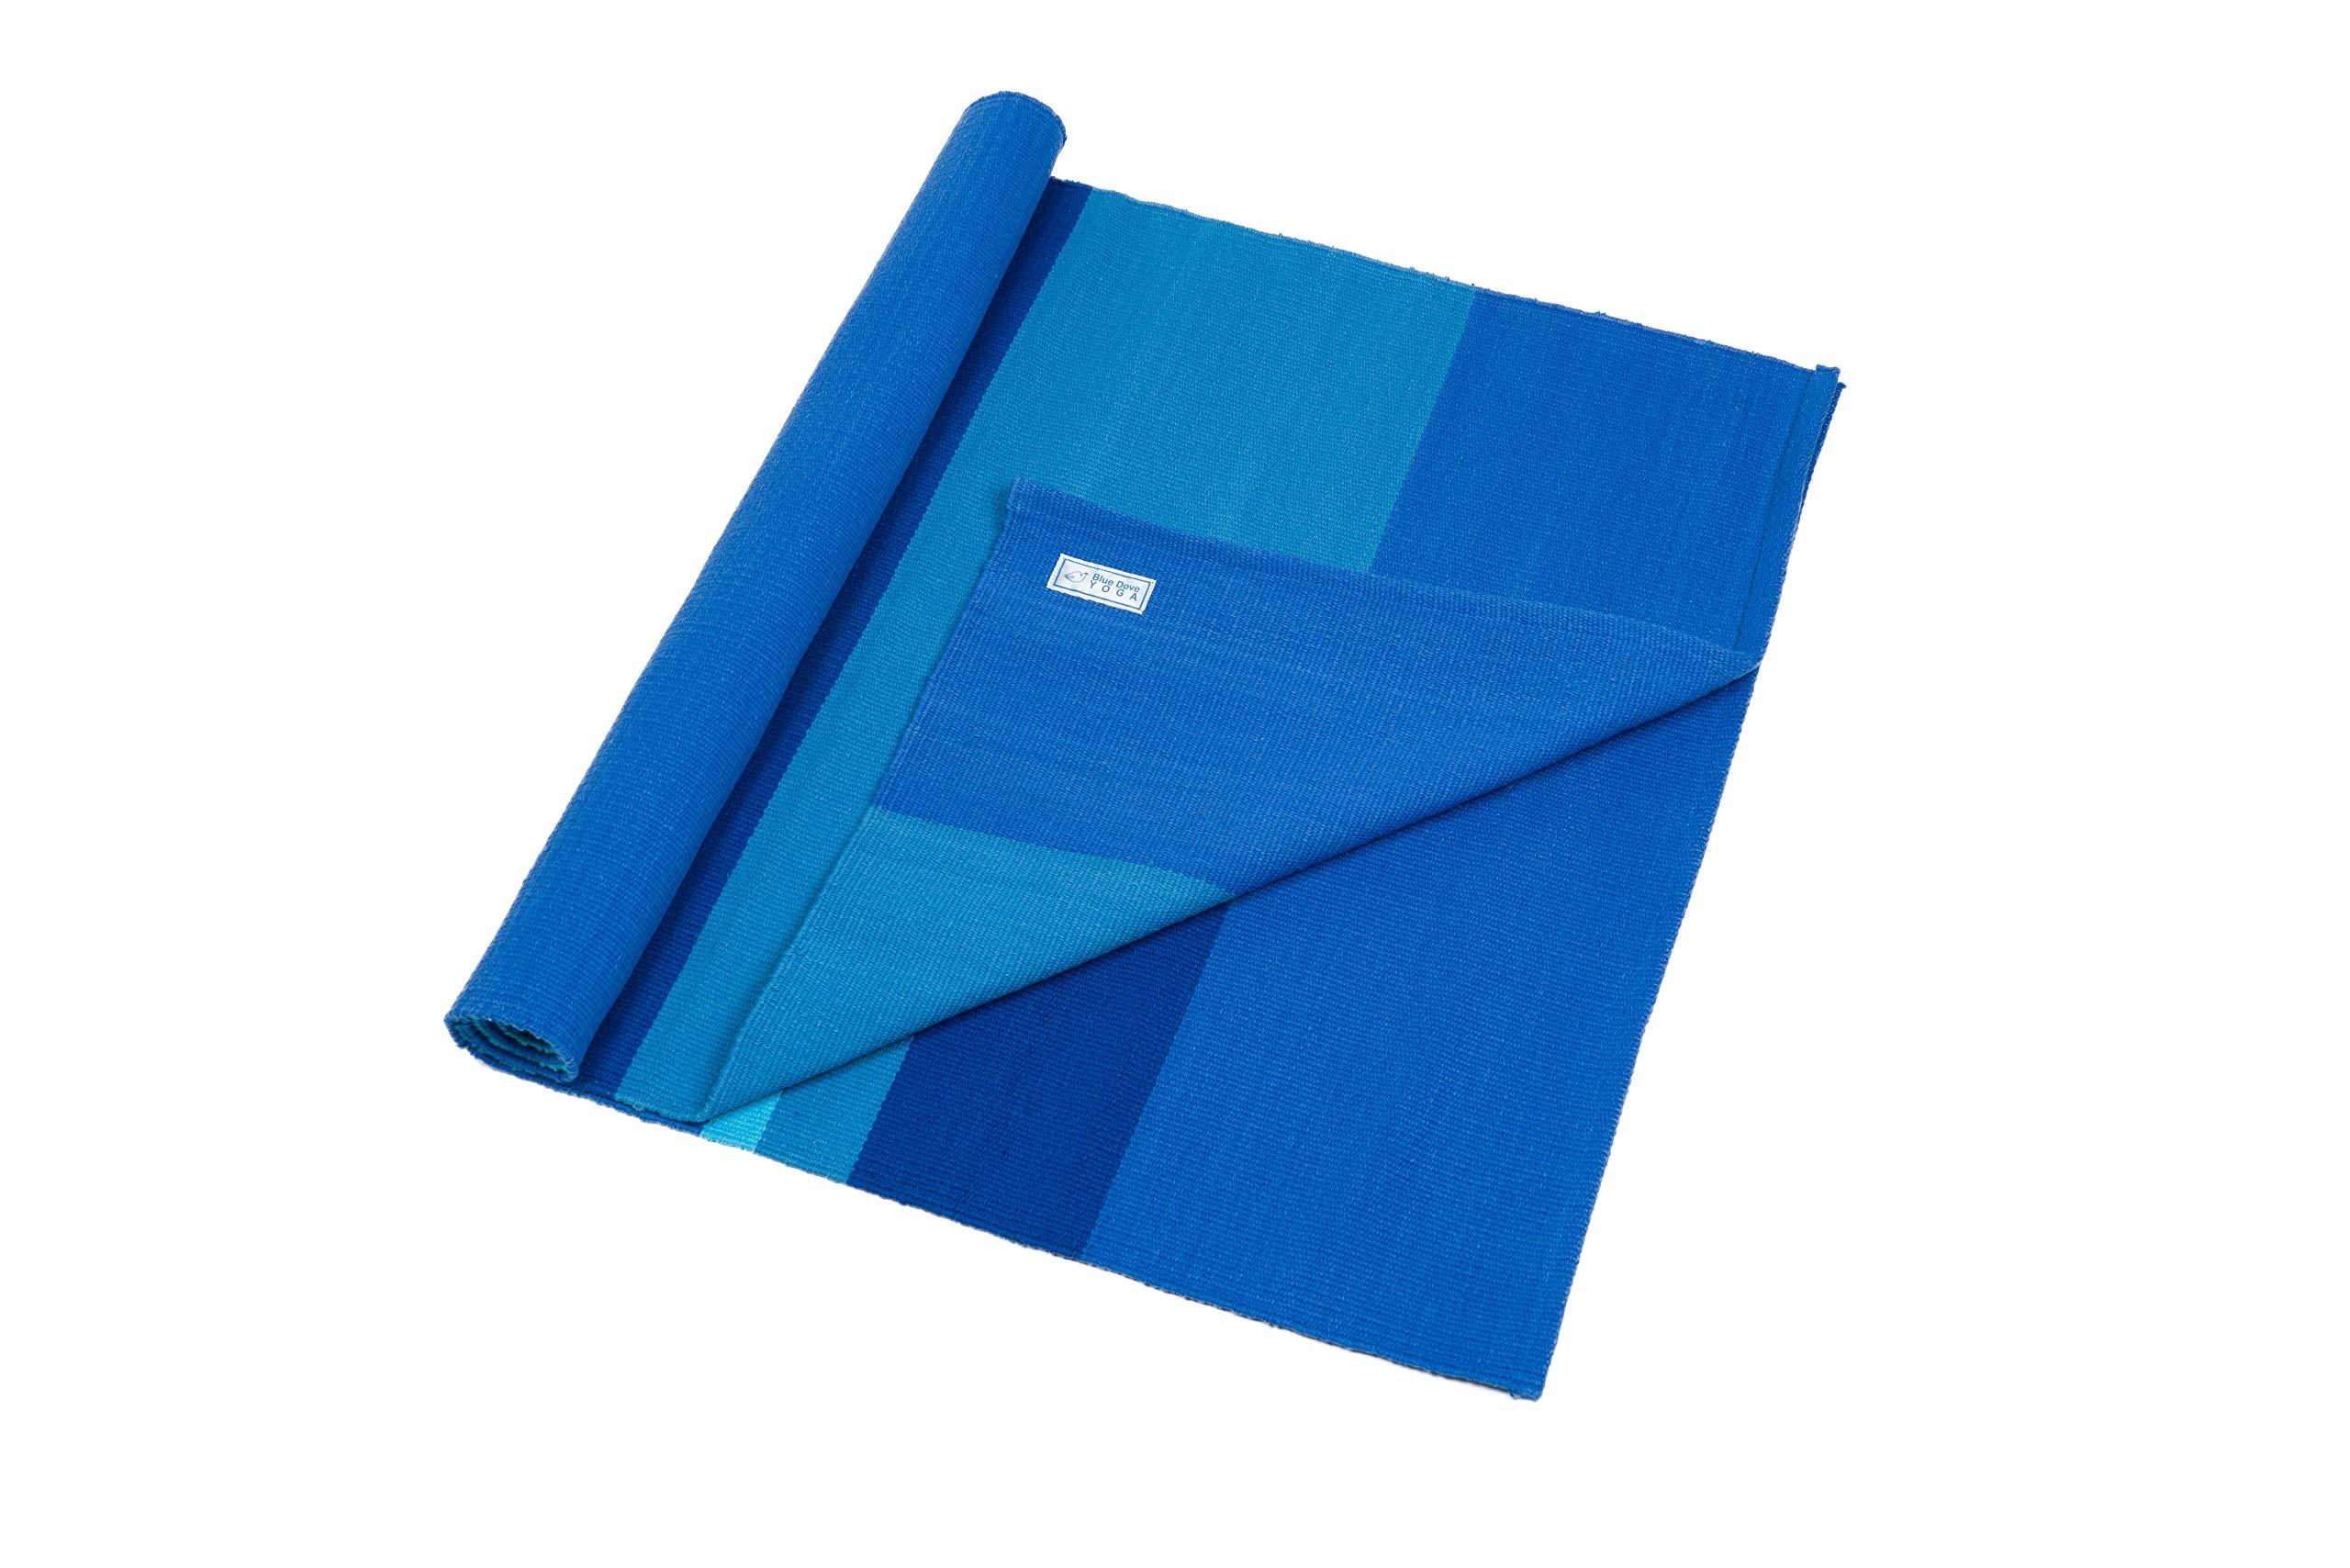 Blue Dove Yoga Mysore Esterilla de Yoga de algodón orgánico Tejida a Mano, Unisex Adulto, Aqua Stripe, 180 x 70 cm: Amazon.es: Deportes y aire libre